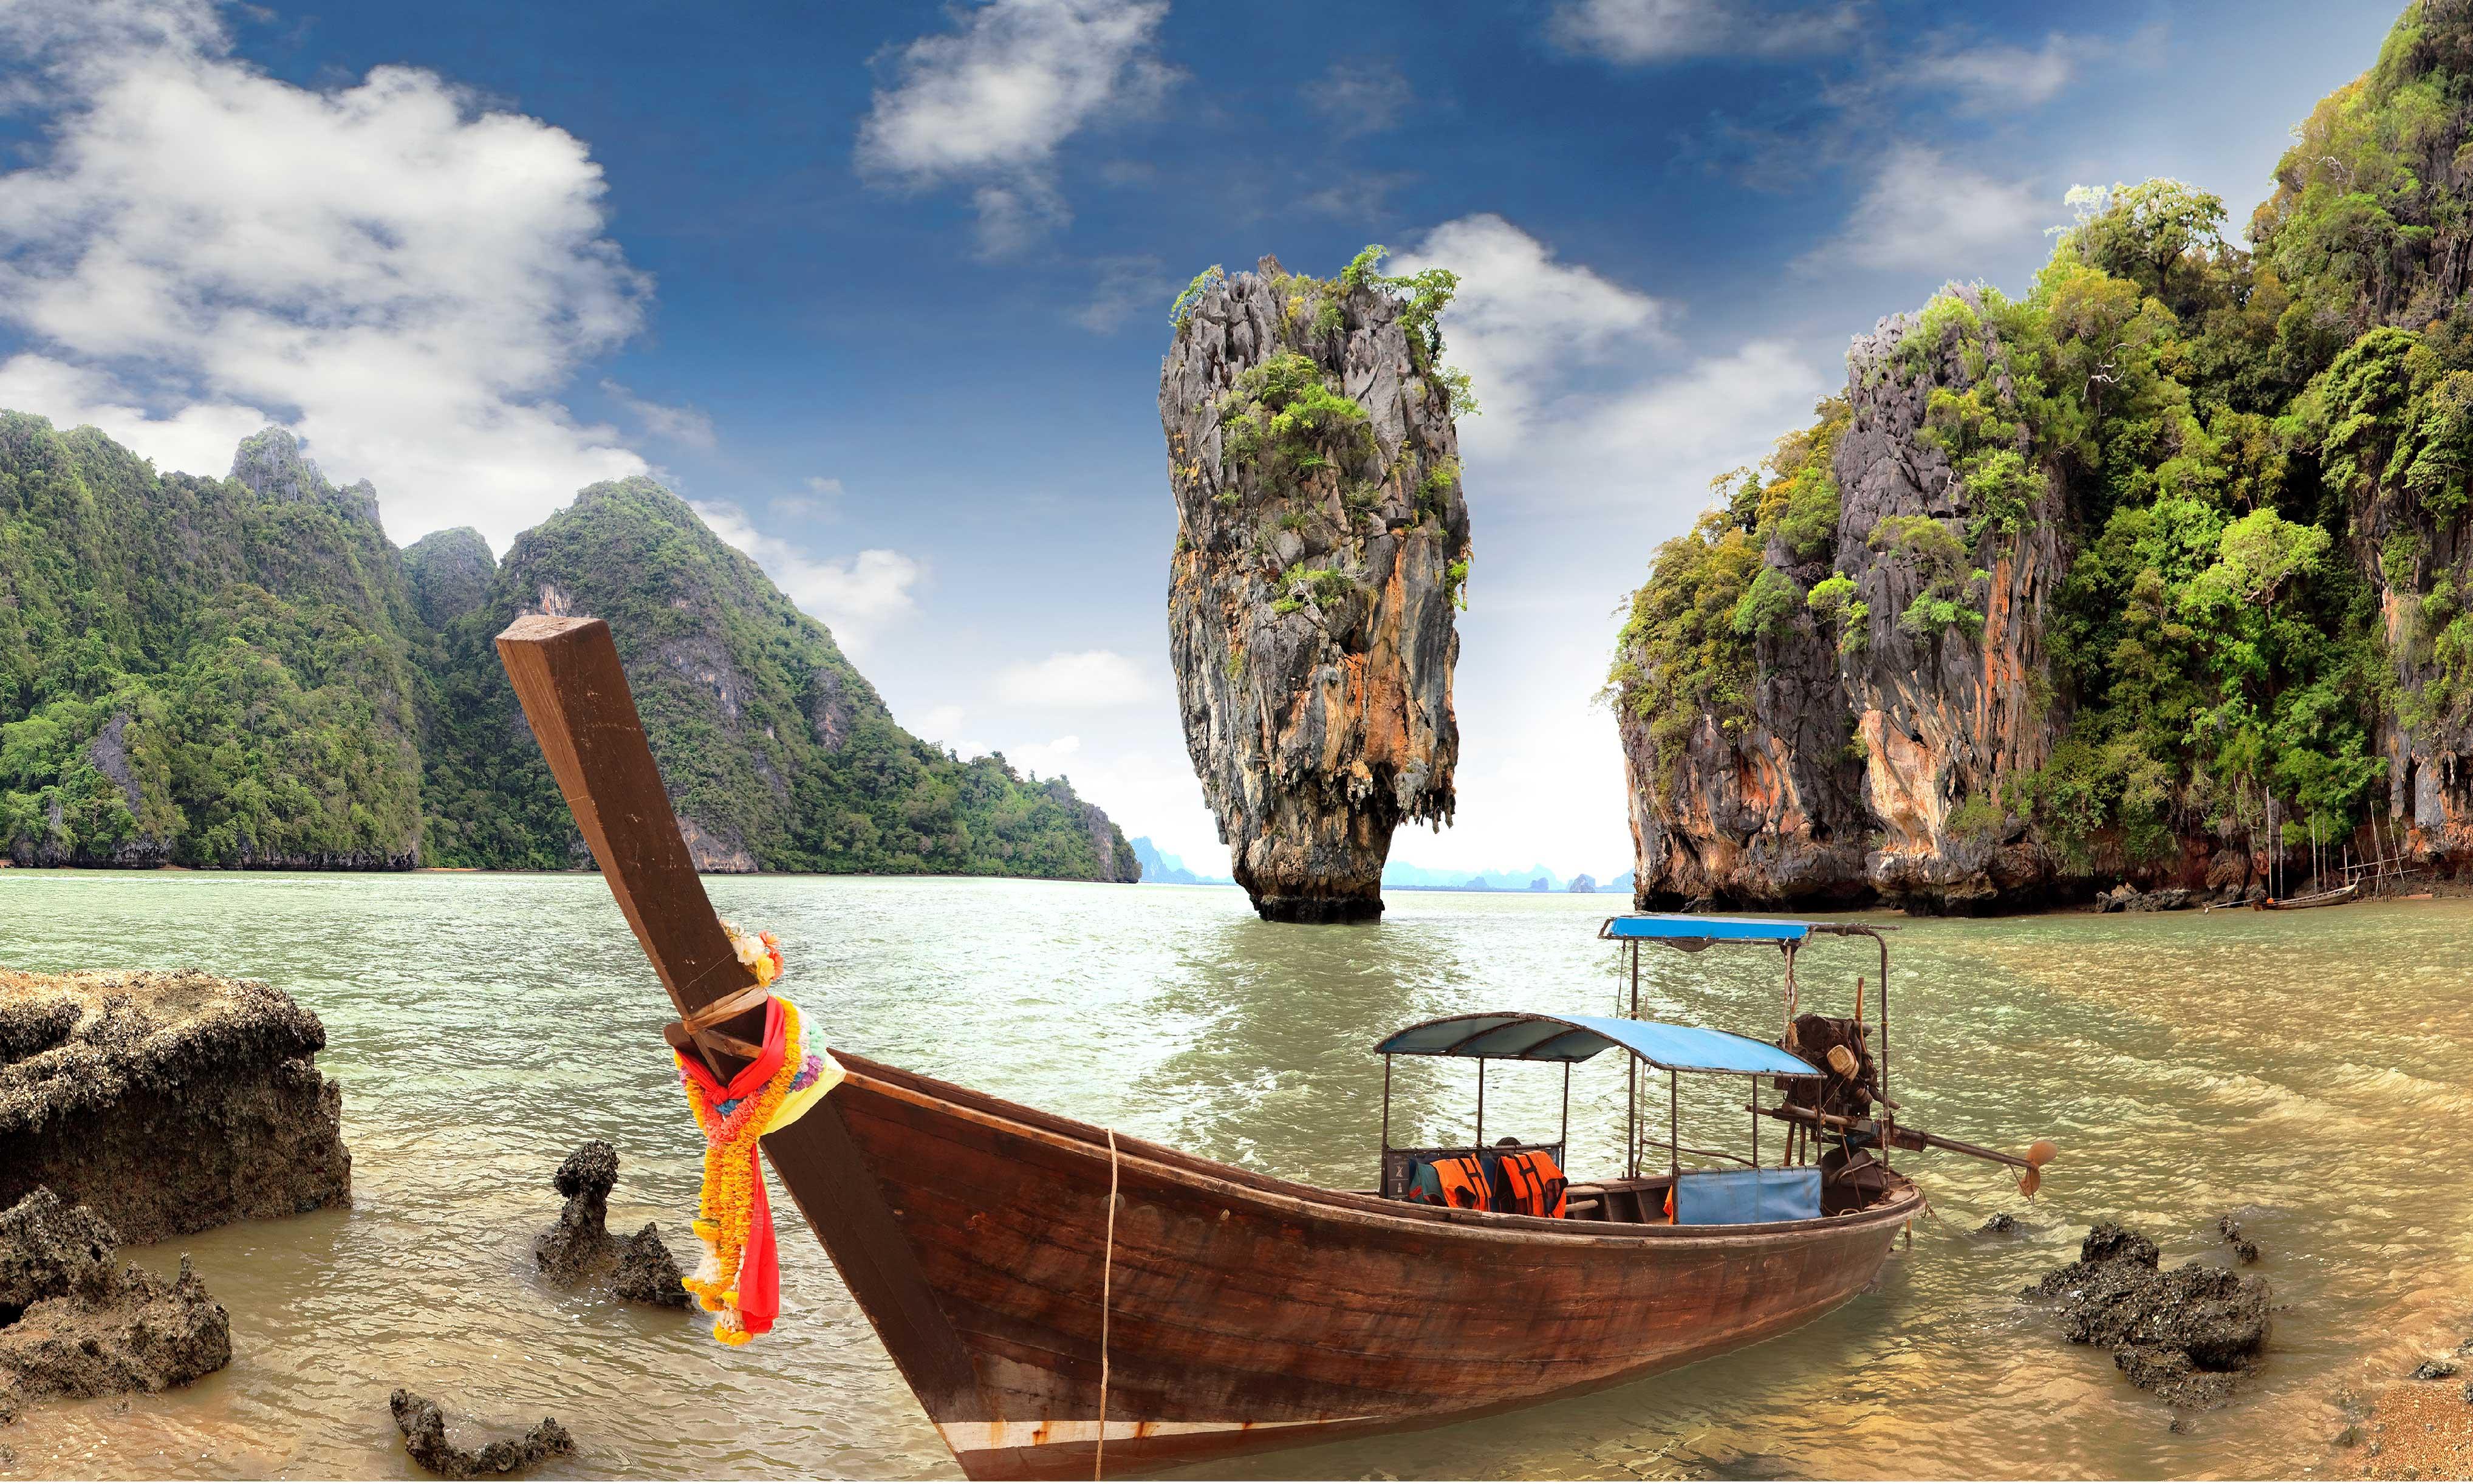 James Bond Island Speedboat Tour From Krabi Full Day